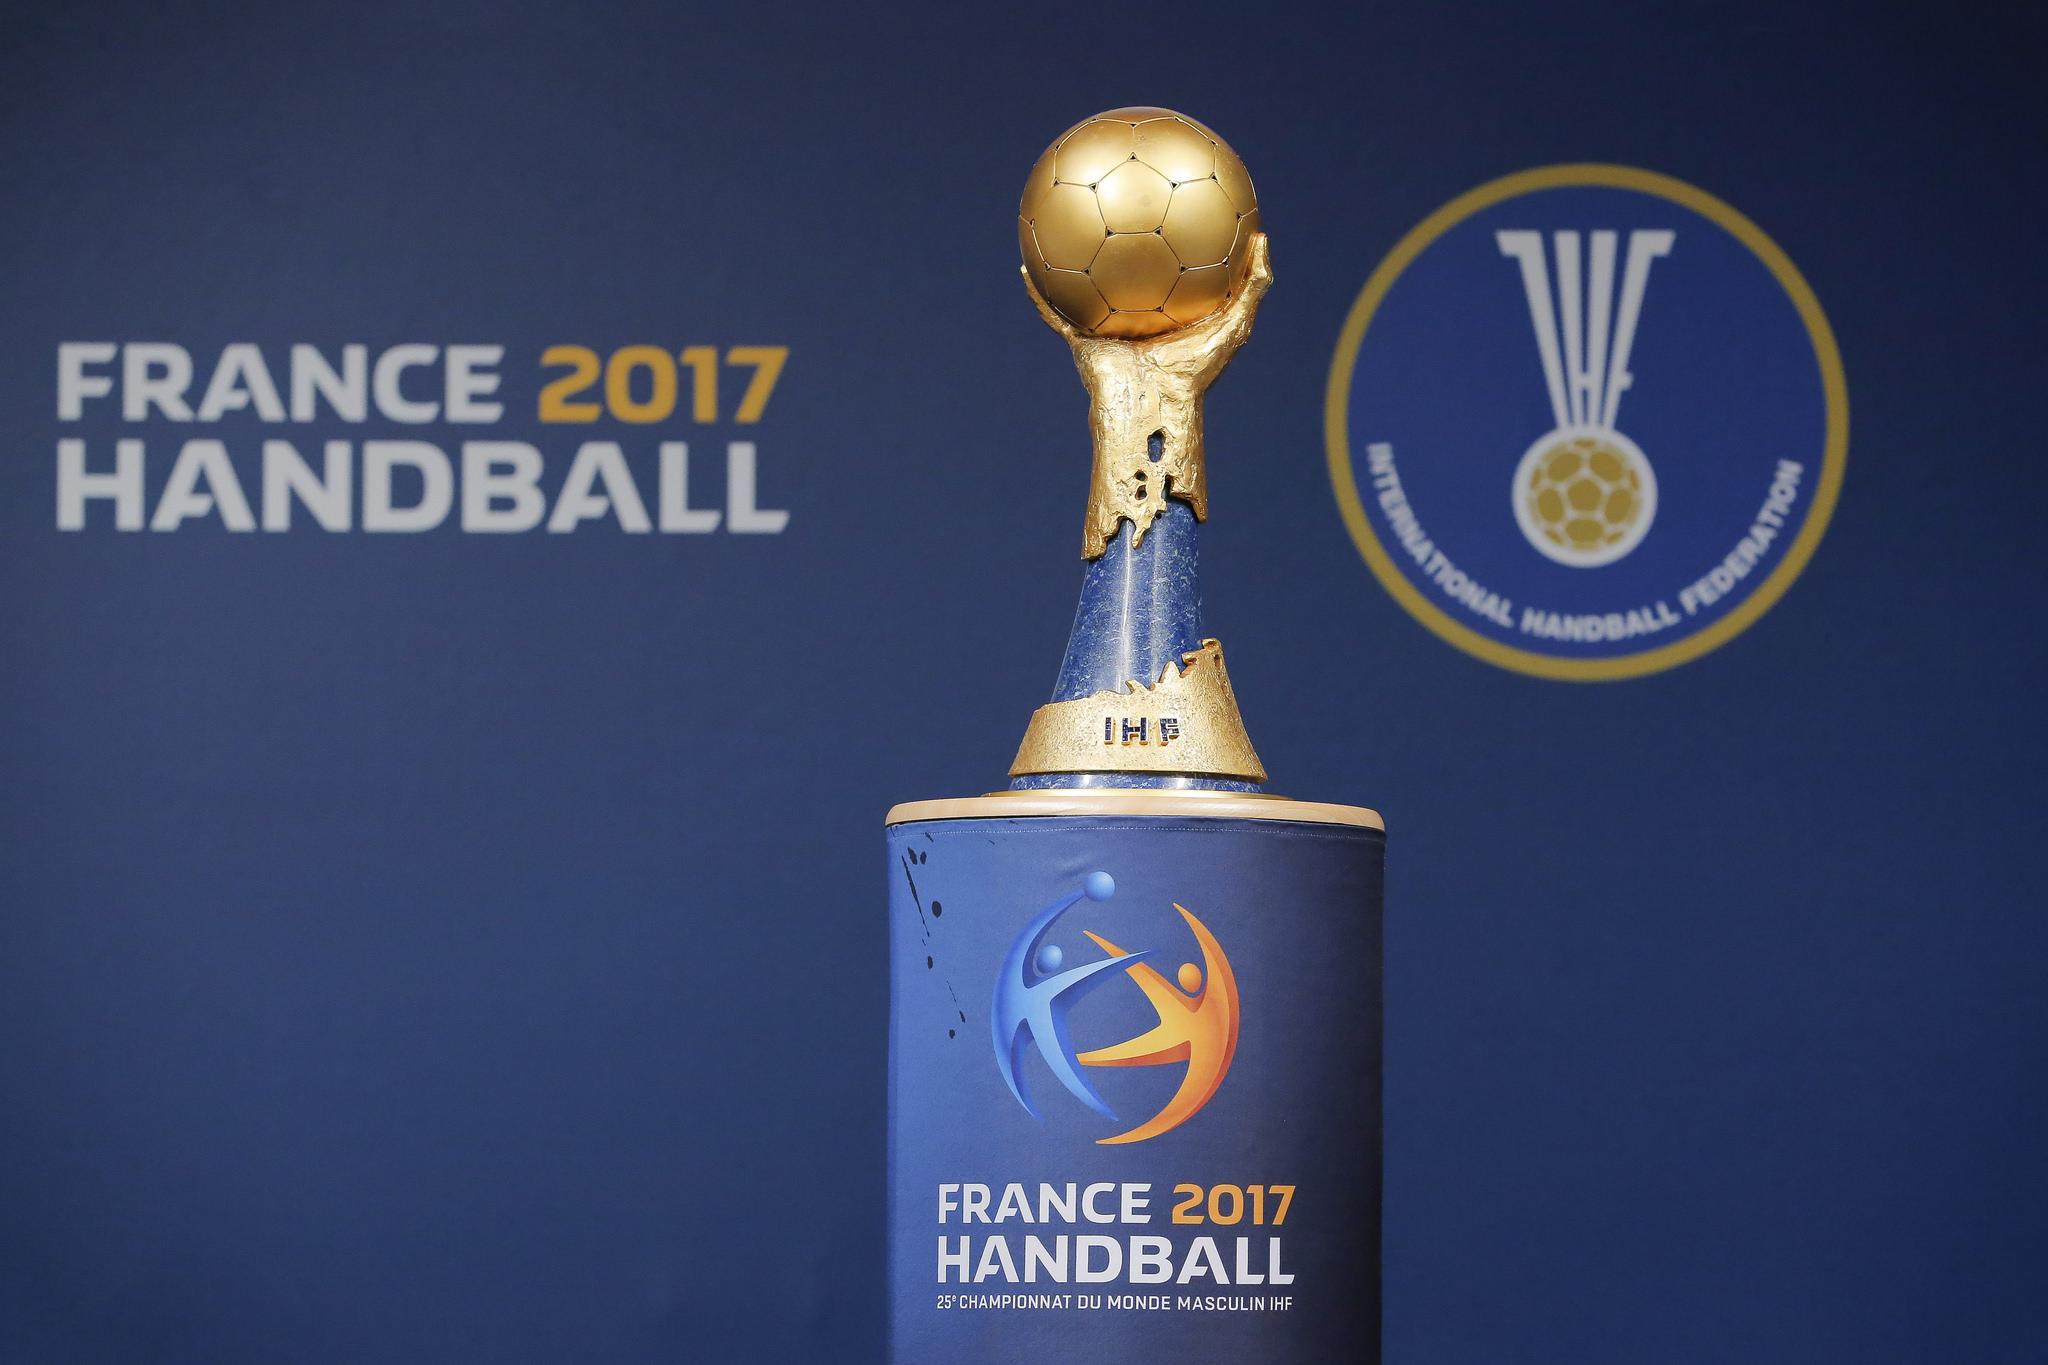 Un ch que de 100 000 dollars pour le vainqueur du - Resultat coupe de france handball feminin ...